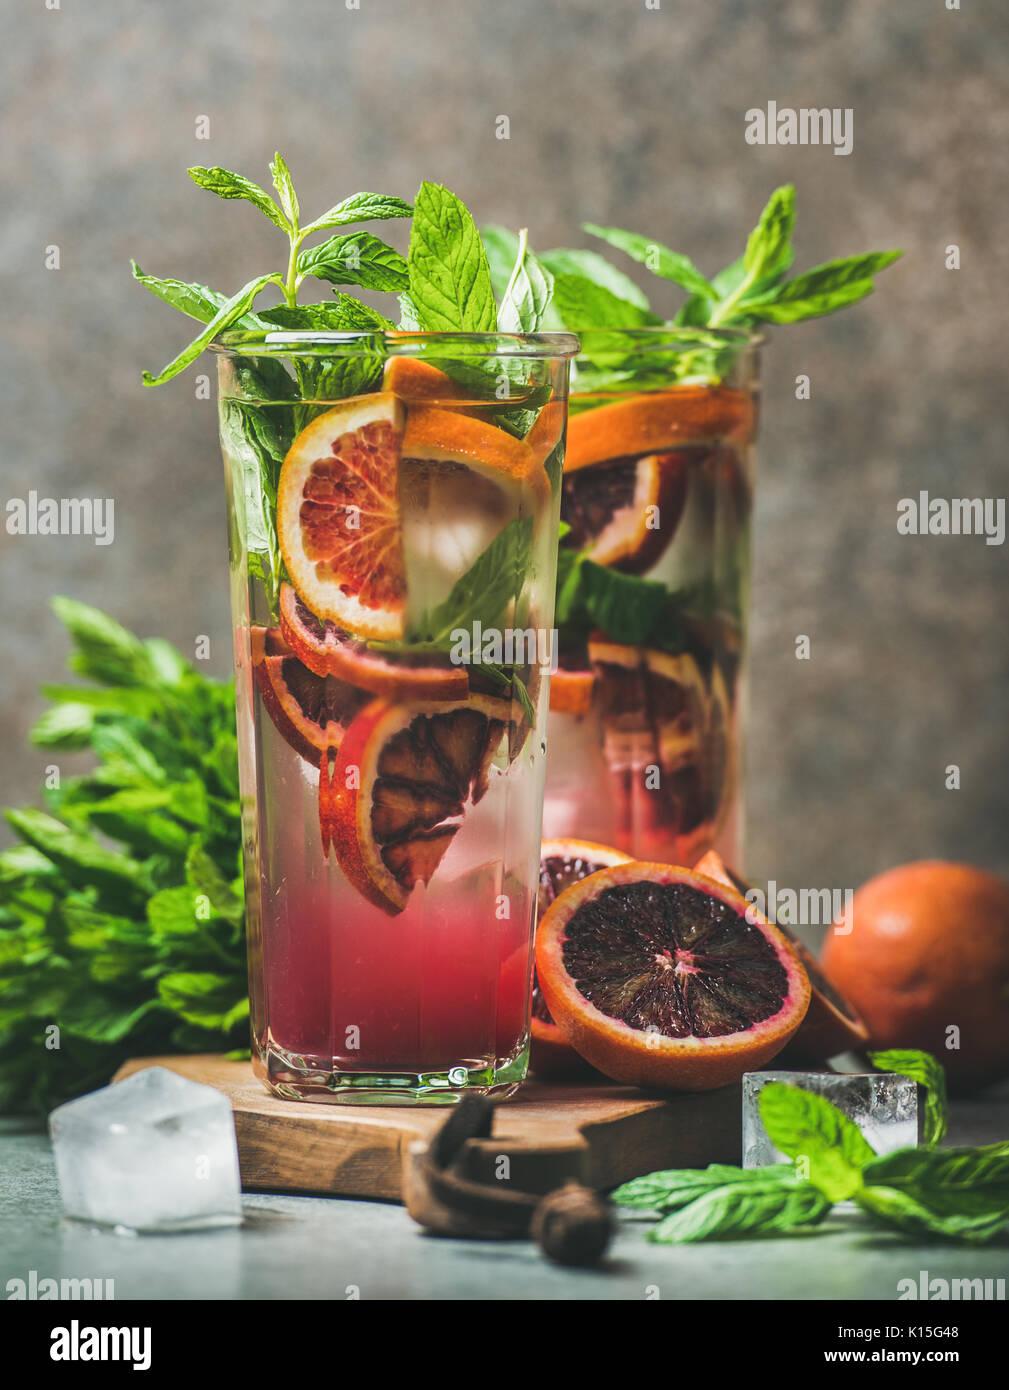 Arancio sanguigno citrus limonata con la menta e ghiaccio Immagini Stock